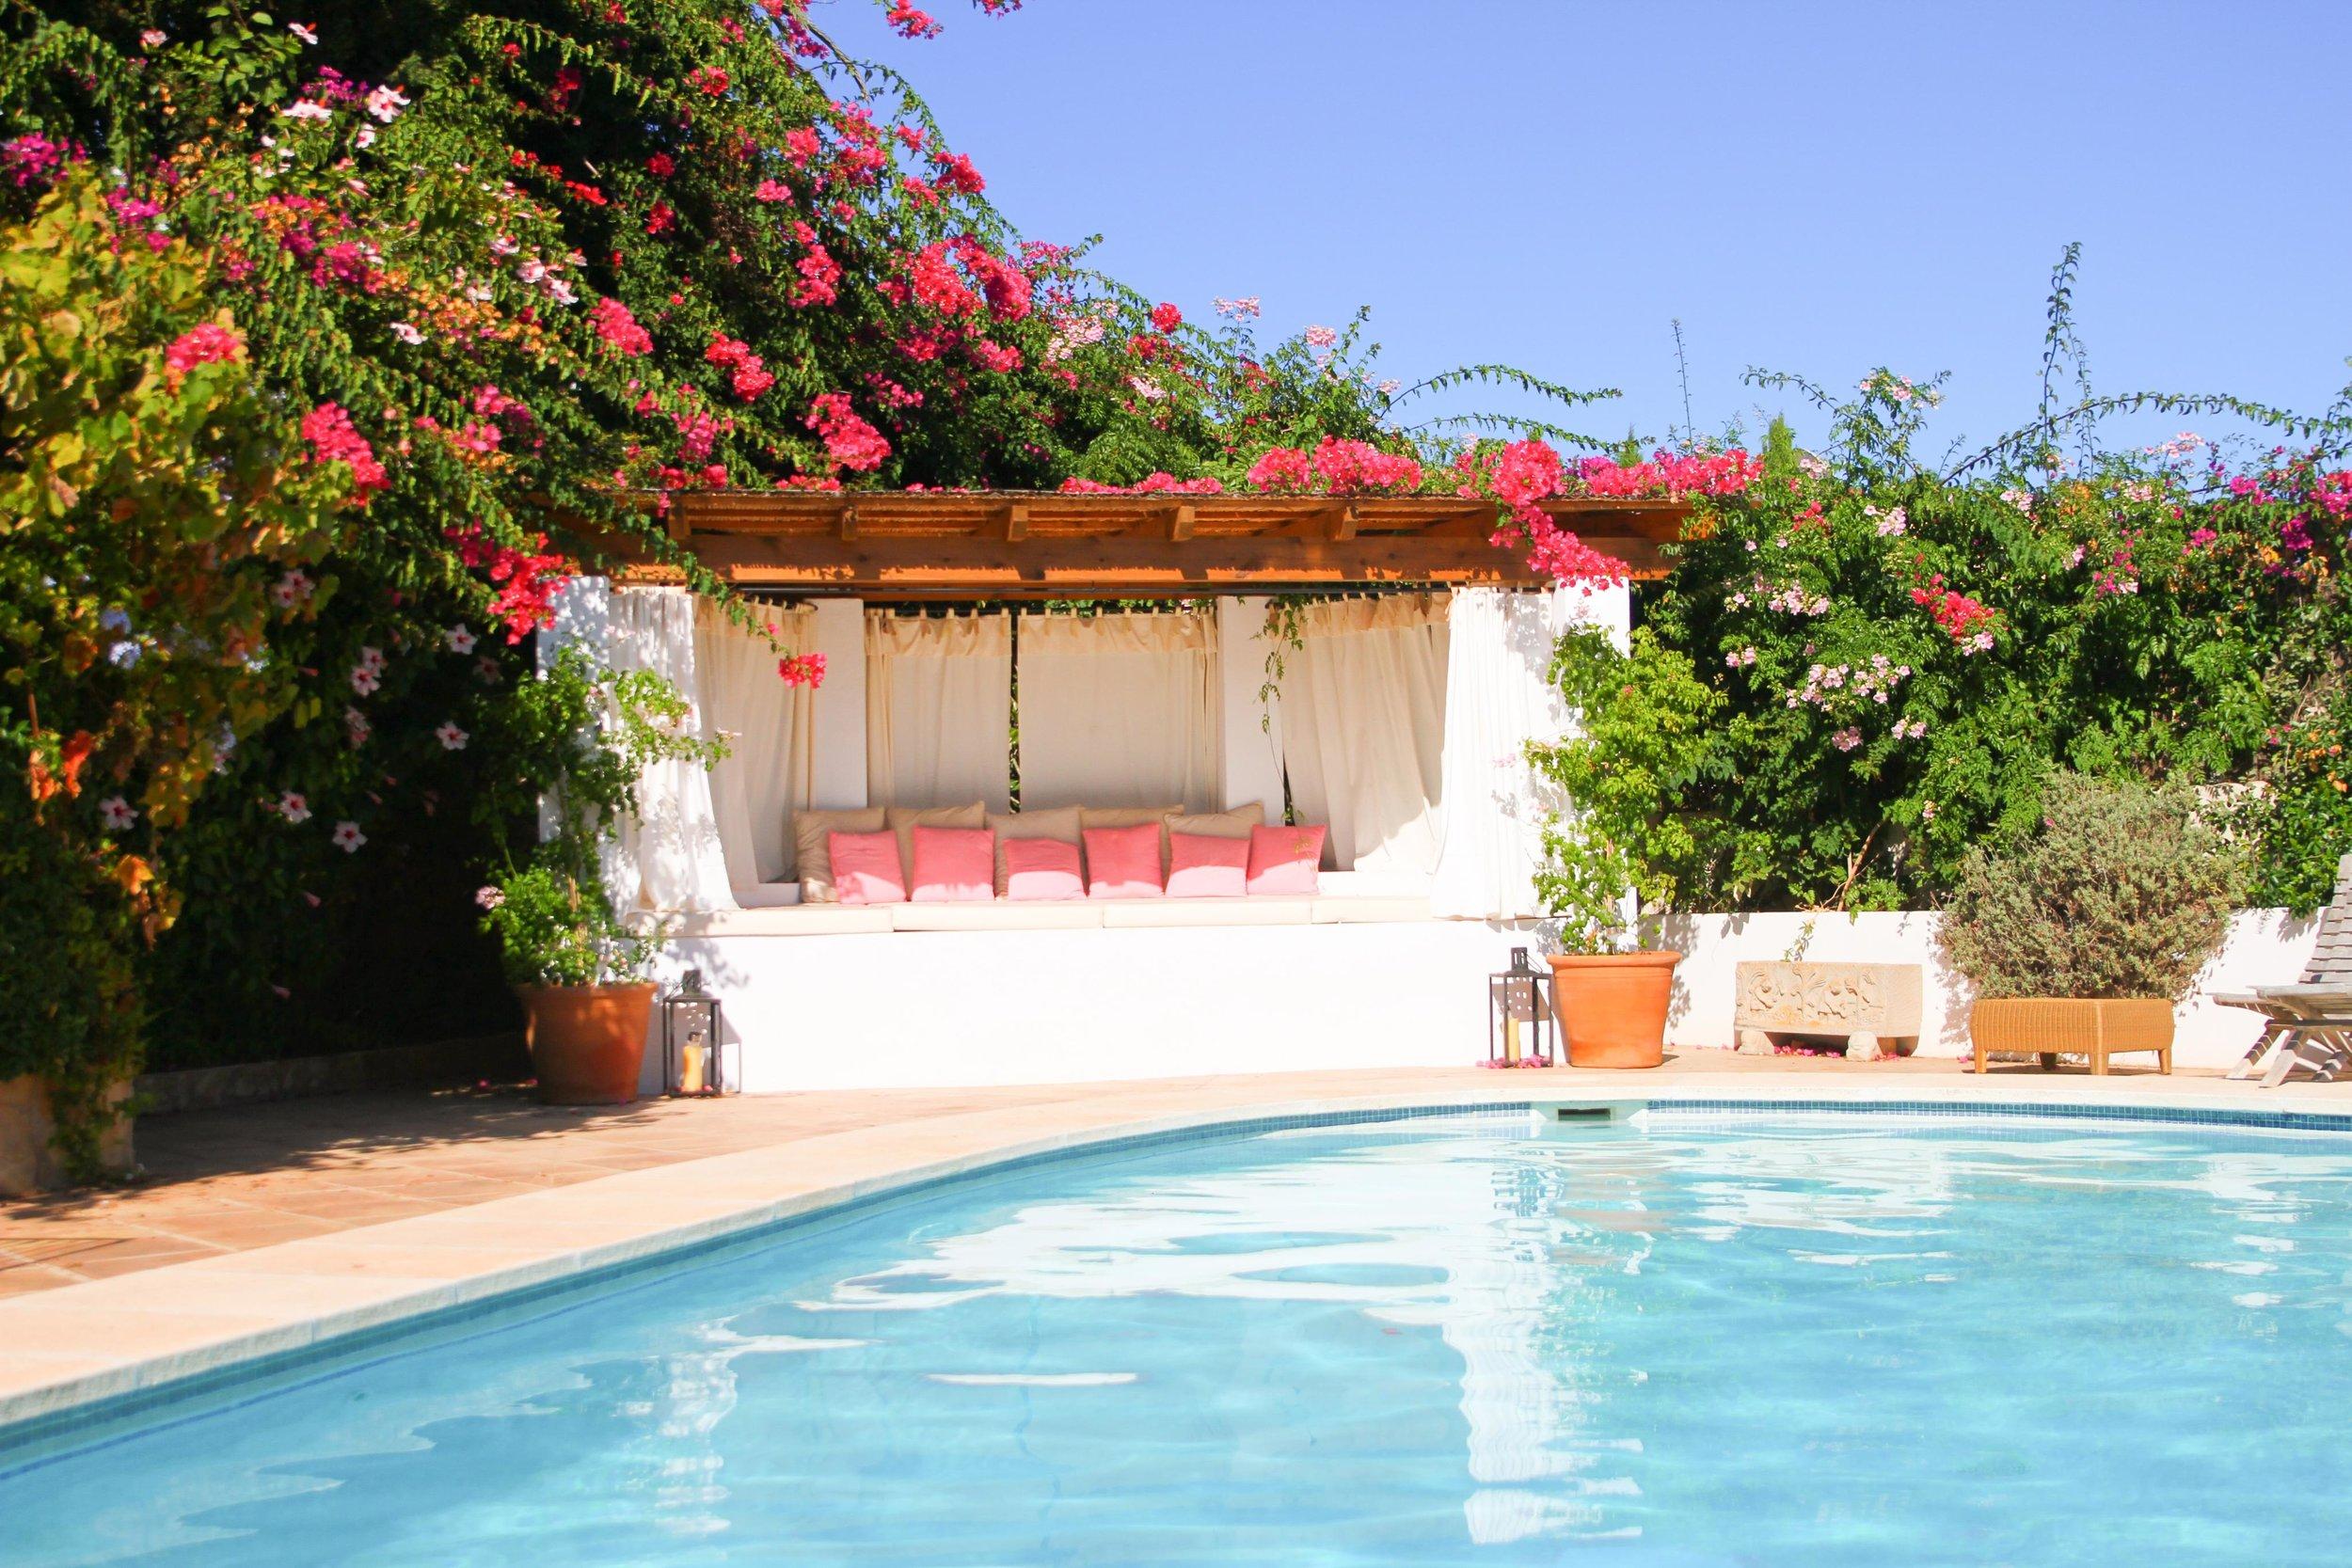 Villa-mahon-menorca.jpg